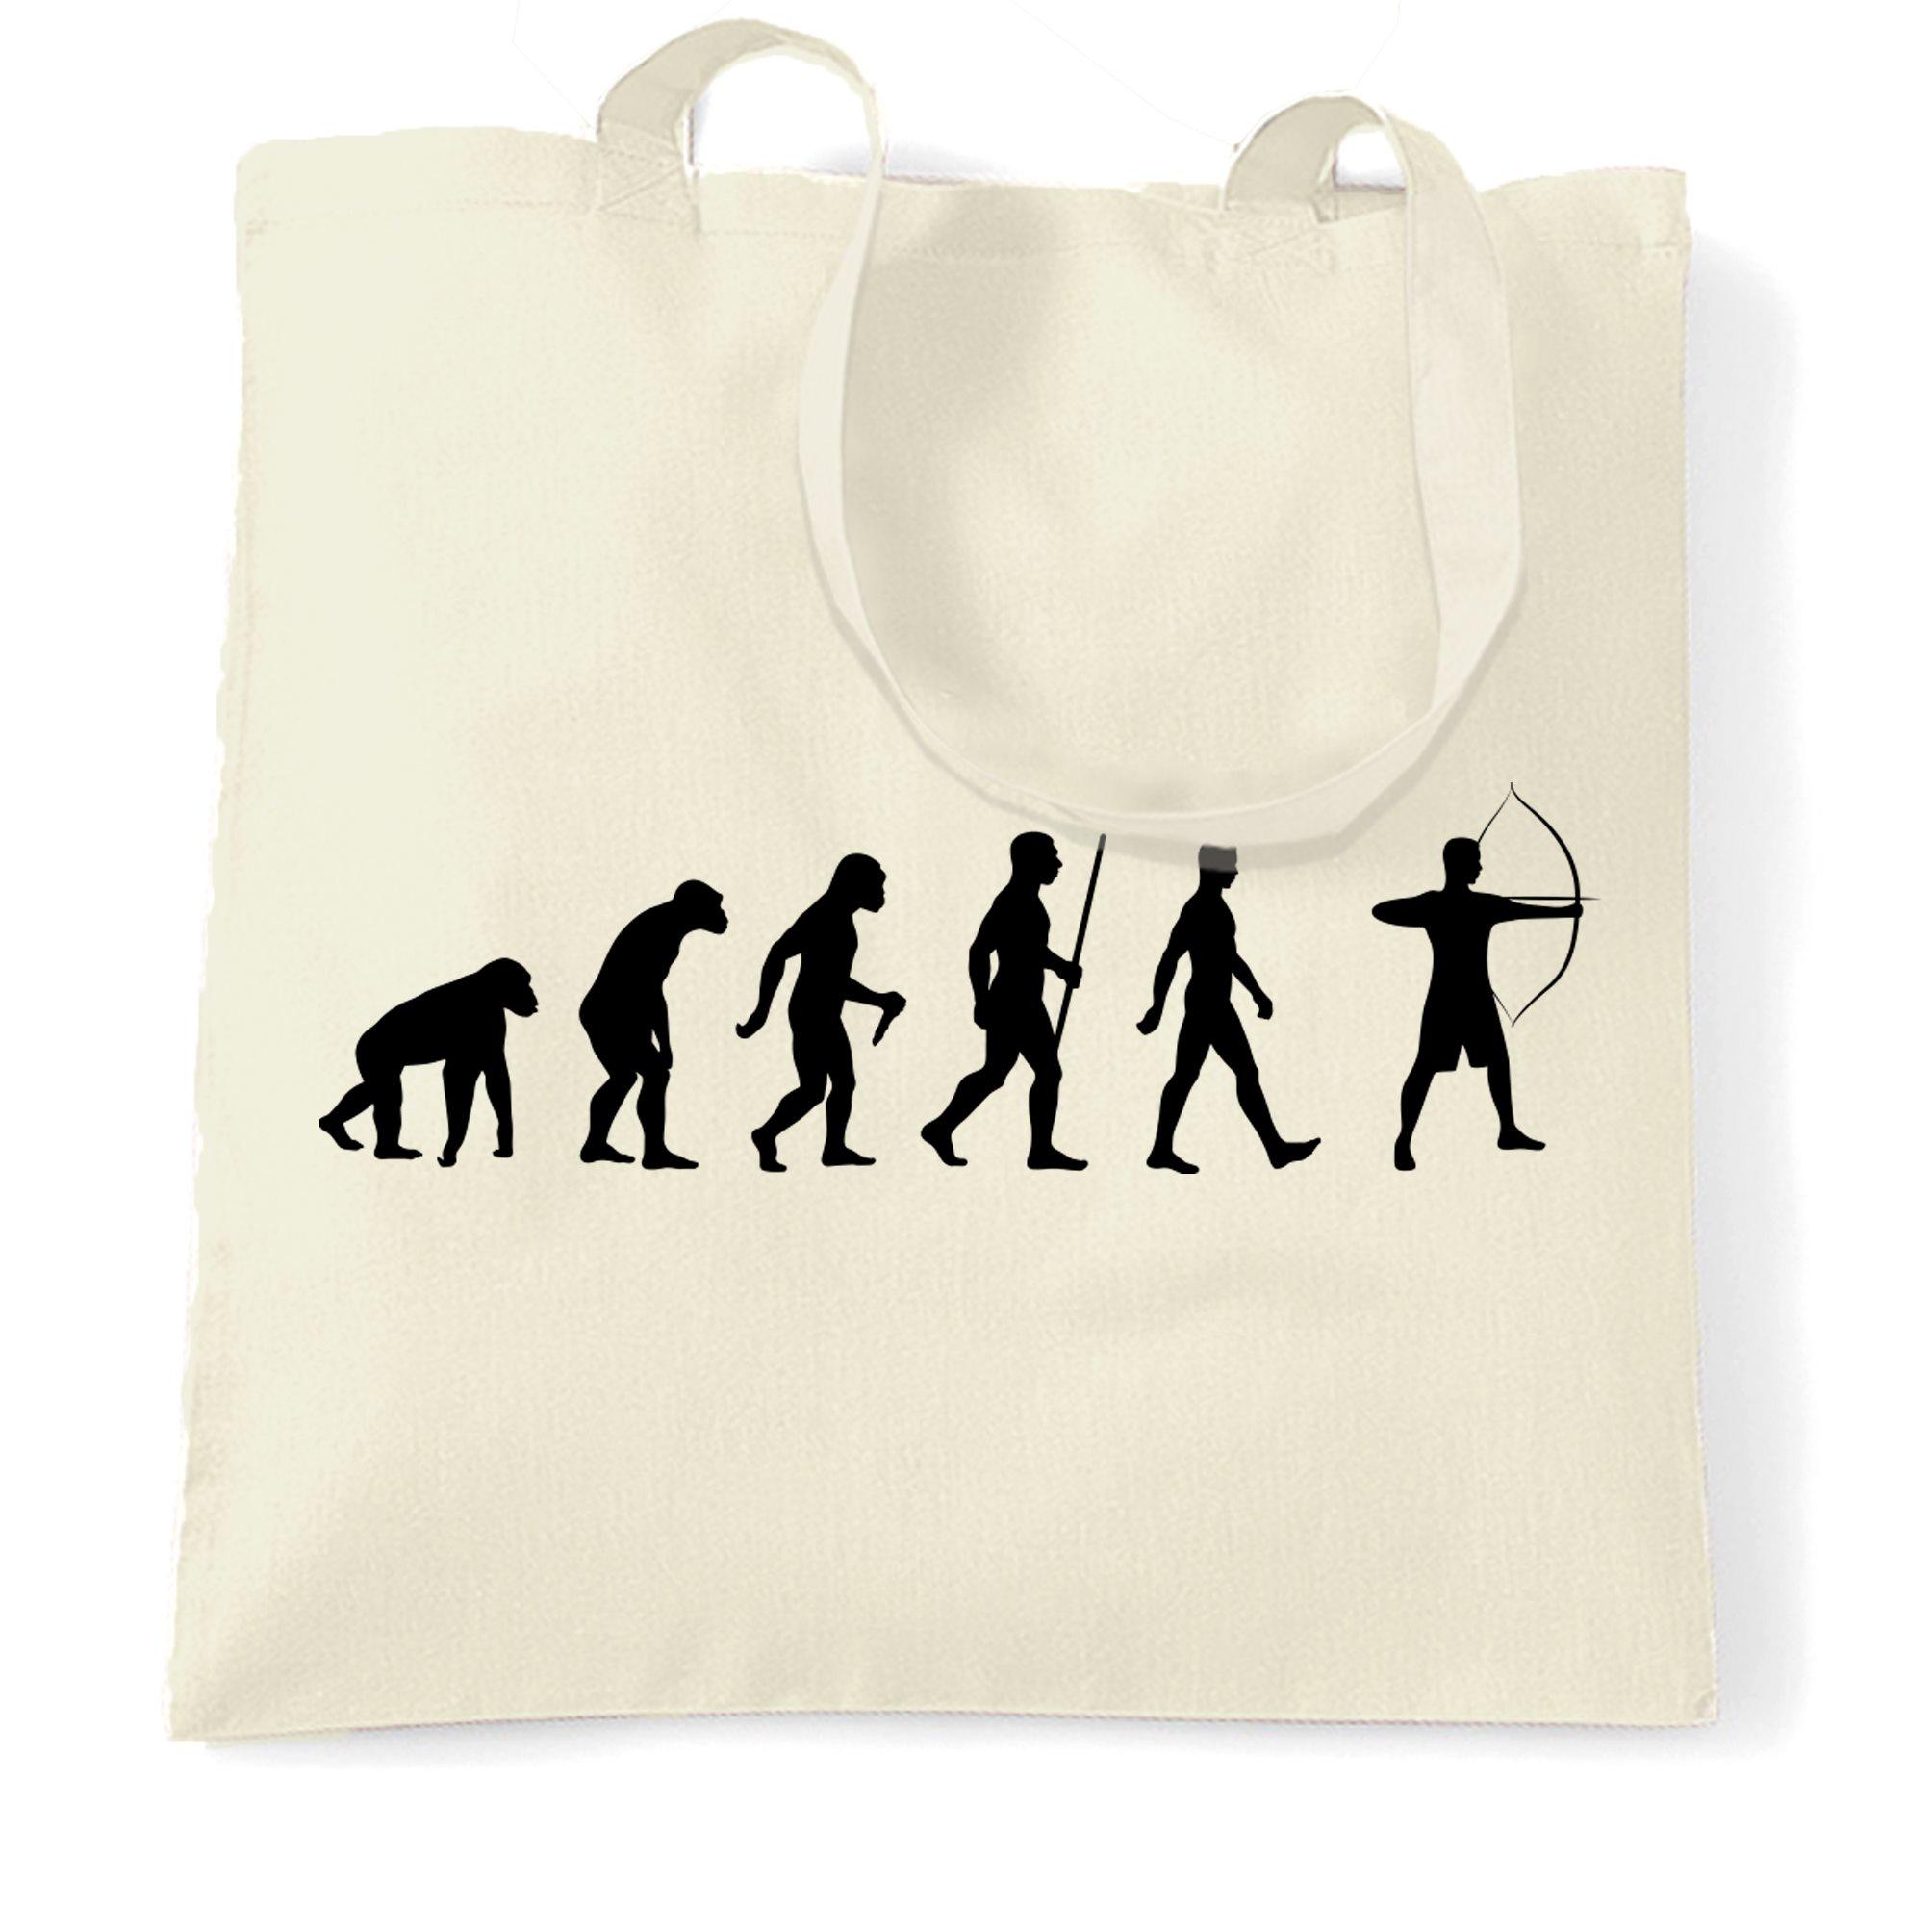 Bogenschiessen-Tragetasche-Evolution-der-lustig-Darwin-Parodie-Hobby-Sport